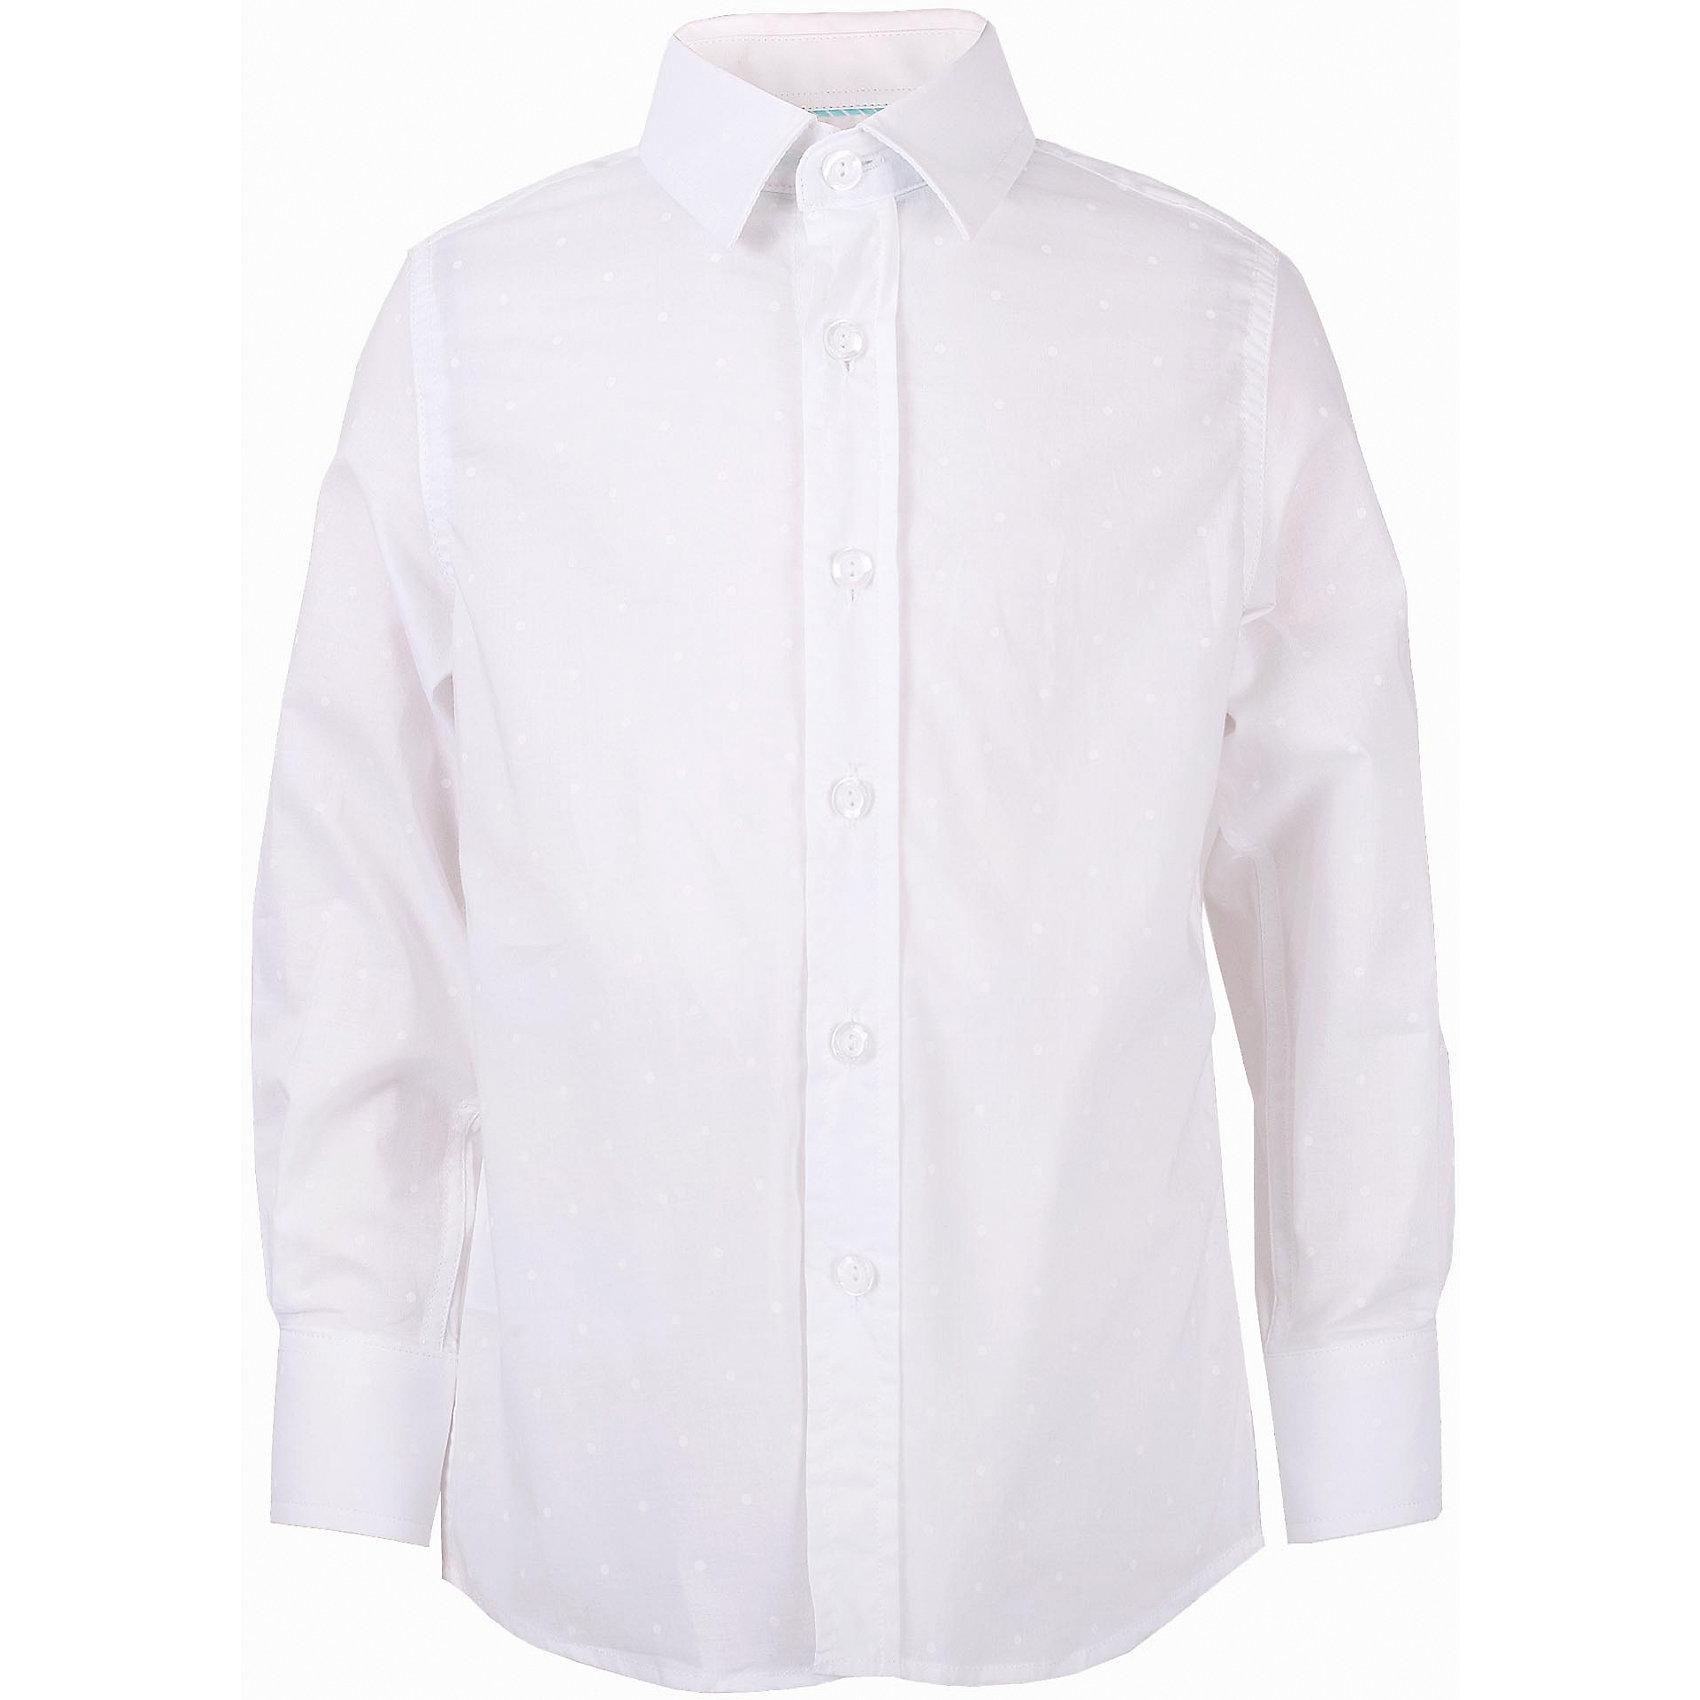 Рубашка для мальчика GulliverМодная рубашка для мальчика сделает образ ребенка новым и необычным! Интересная фактурная ткань, чуть приталенный силуэт делают рубашку эффектным элементом нарядного летнего гардероба! Если вы хотите купить оригинальную рубашку из 100% хлопка, которая способна подчеркнуть красоту и торжественность момента, эта рубашка - достойный выбор! В ней ребенку гарантирован прекрасный внешний вид, а также комфорт и свобода движений.<br>Состав:<br>100% хлопок<br><br>Ширина мм: 174<br>Глубина мм: 10<br>Высота мм: 169<br>Вес г: 157<br>Цвет: белый<br>Возраст от месяцев: 108<br>Возраст до месяцев: 120<br>Пол: Мужской<br>Возраст: Детский<br>Размер: 140,134,122,128<br>SKU: 5483310